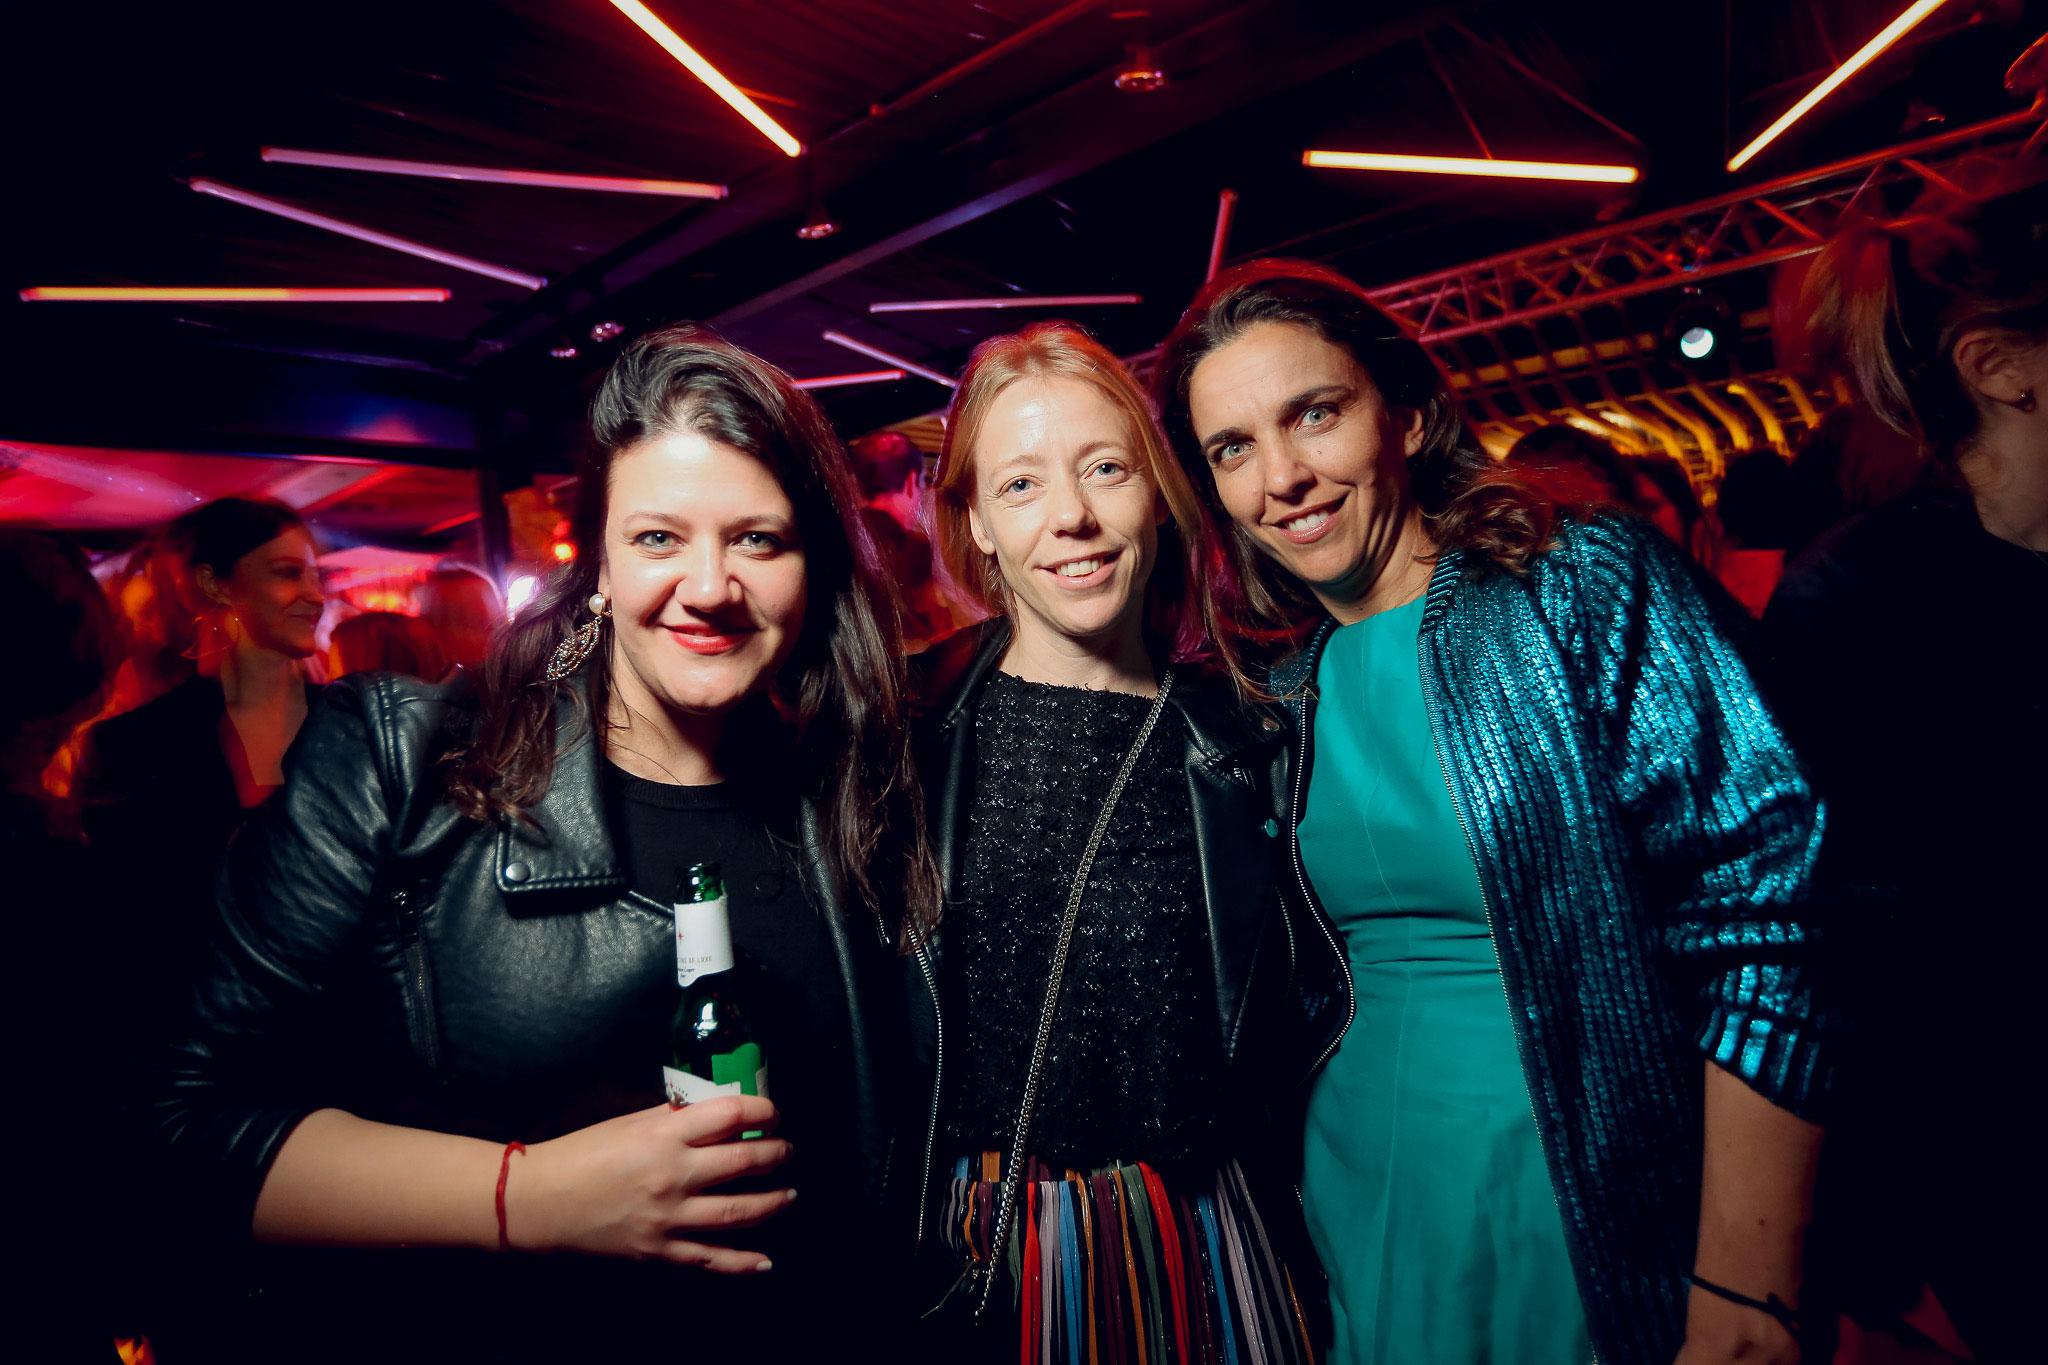 Daniela Iramain, Amalia Curutchet y Violeta Quesada